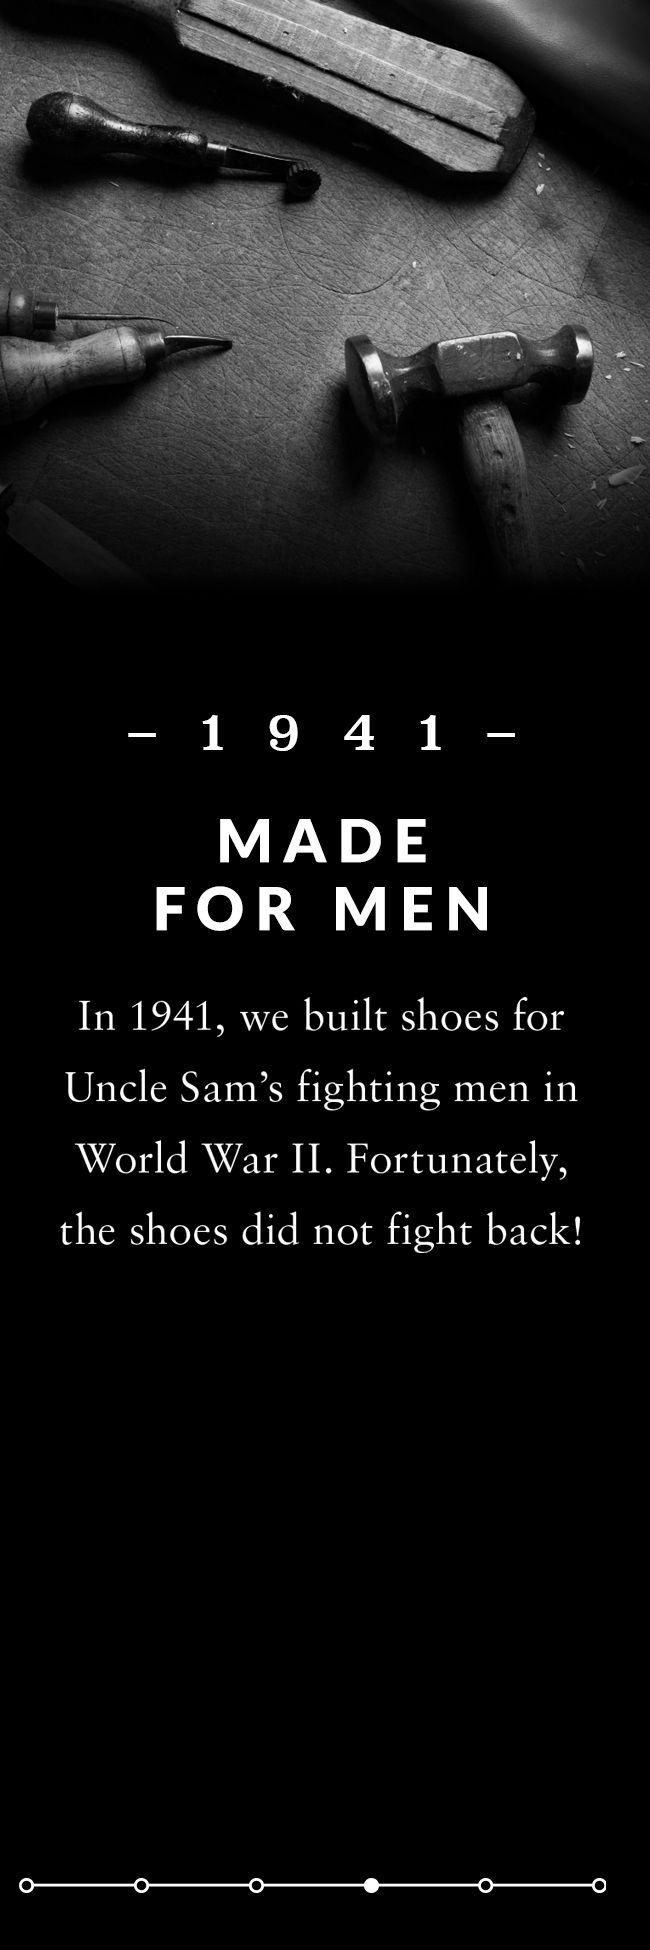 Made for men